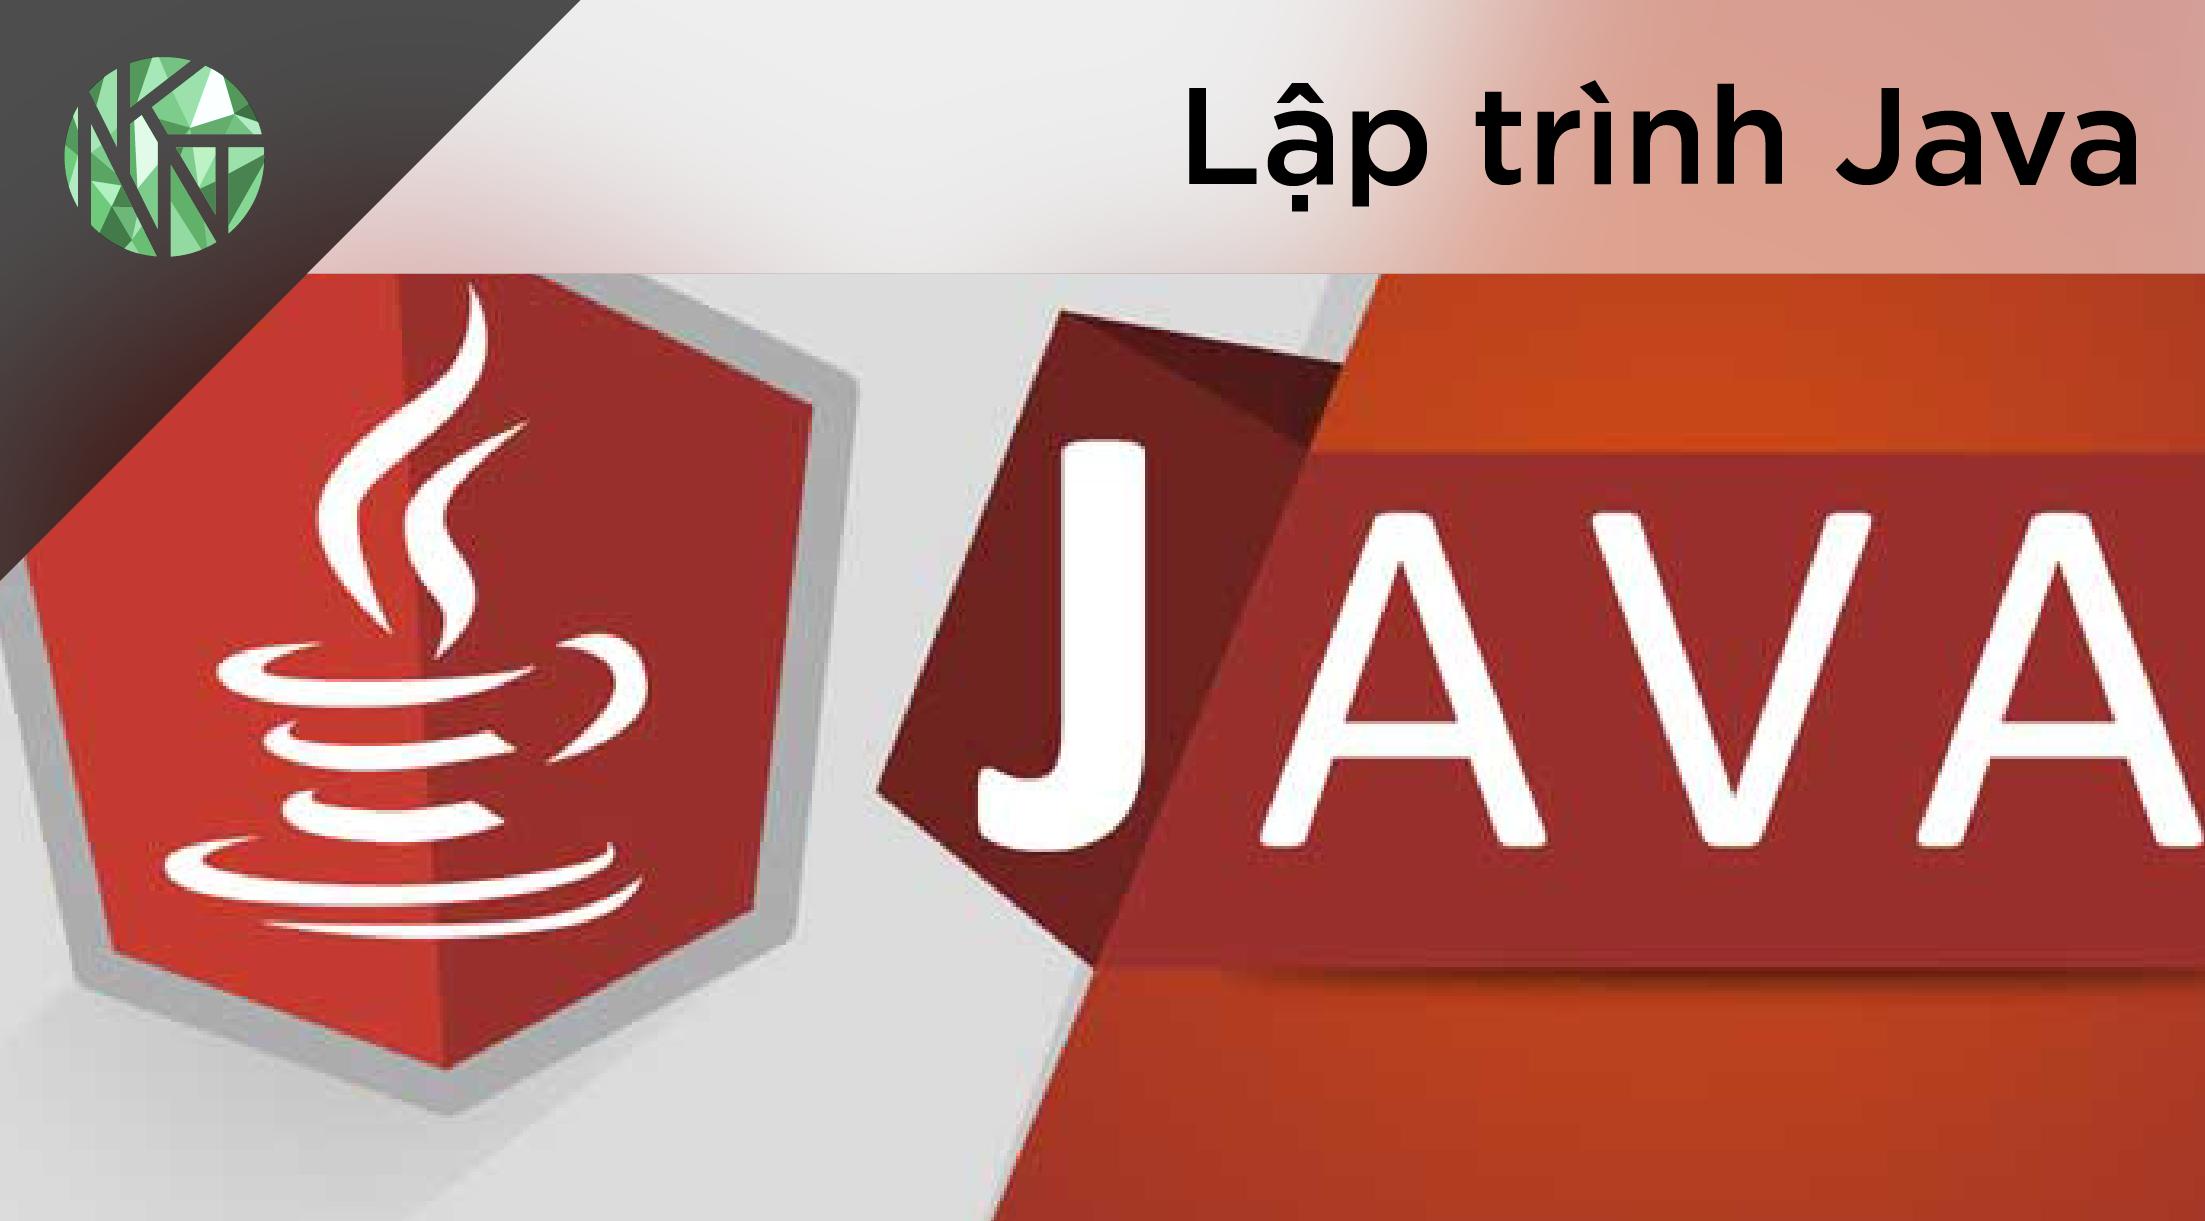 Học lập trình Java cho bạn